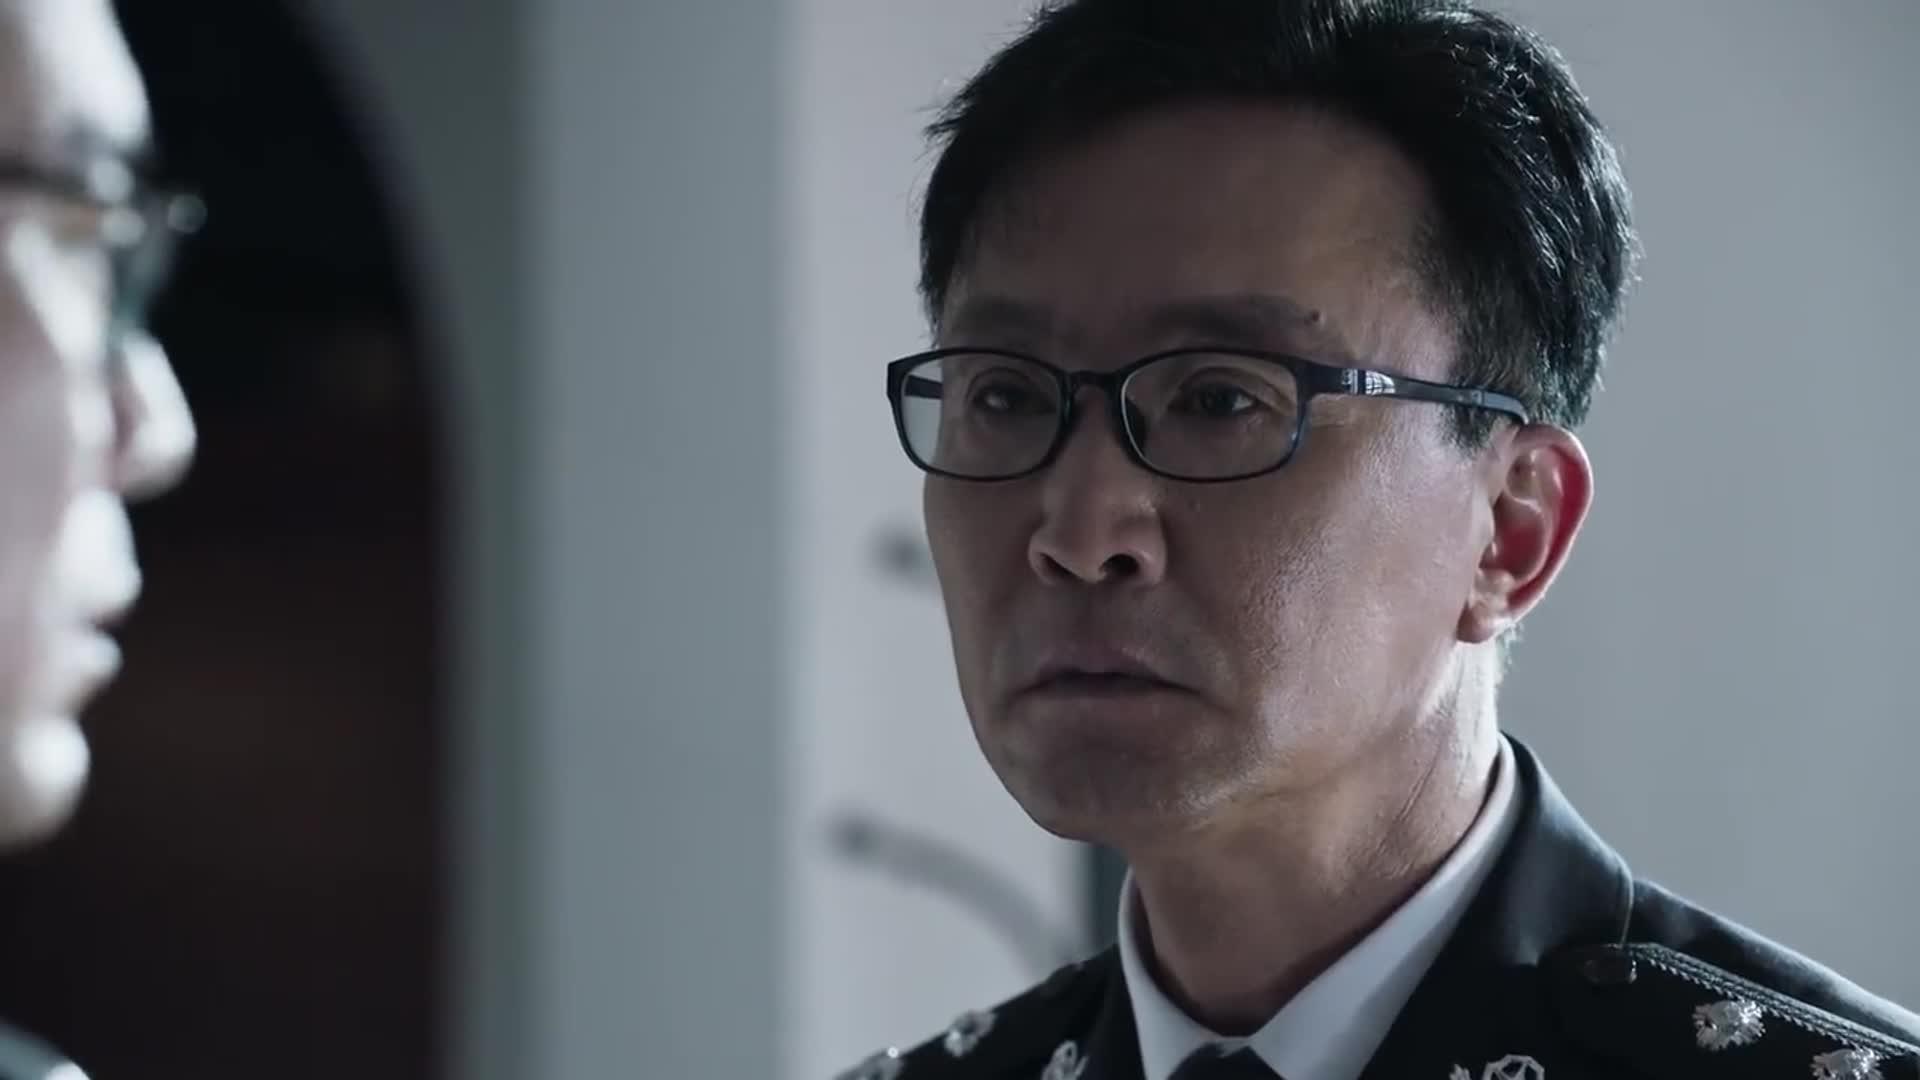 破冰行动:陈光荣关键时刻打电话给蔡永强,他却没有接